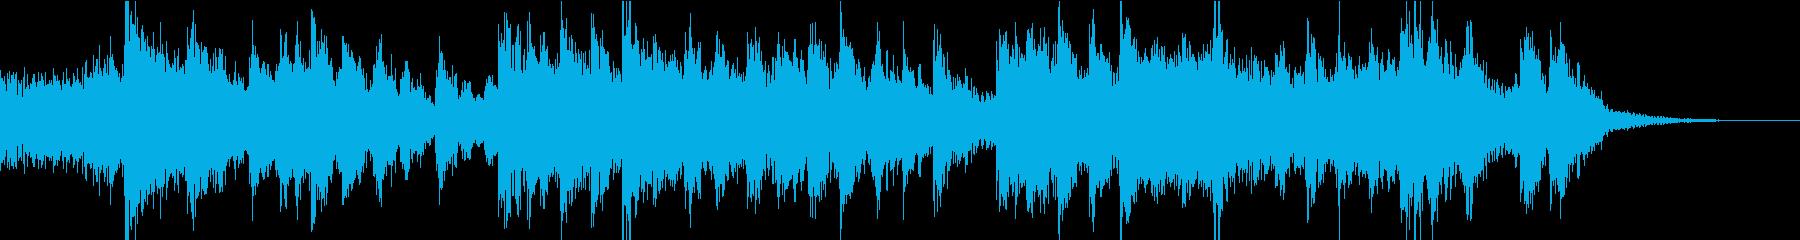 熱血系中華楽曲の再生済みの波形